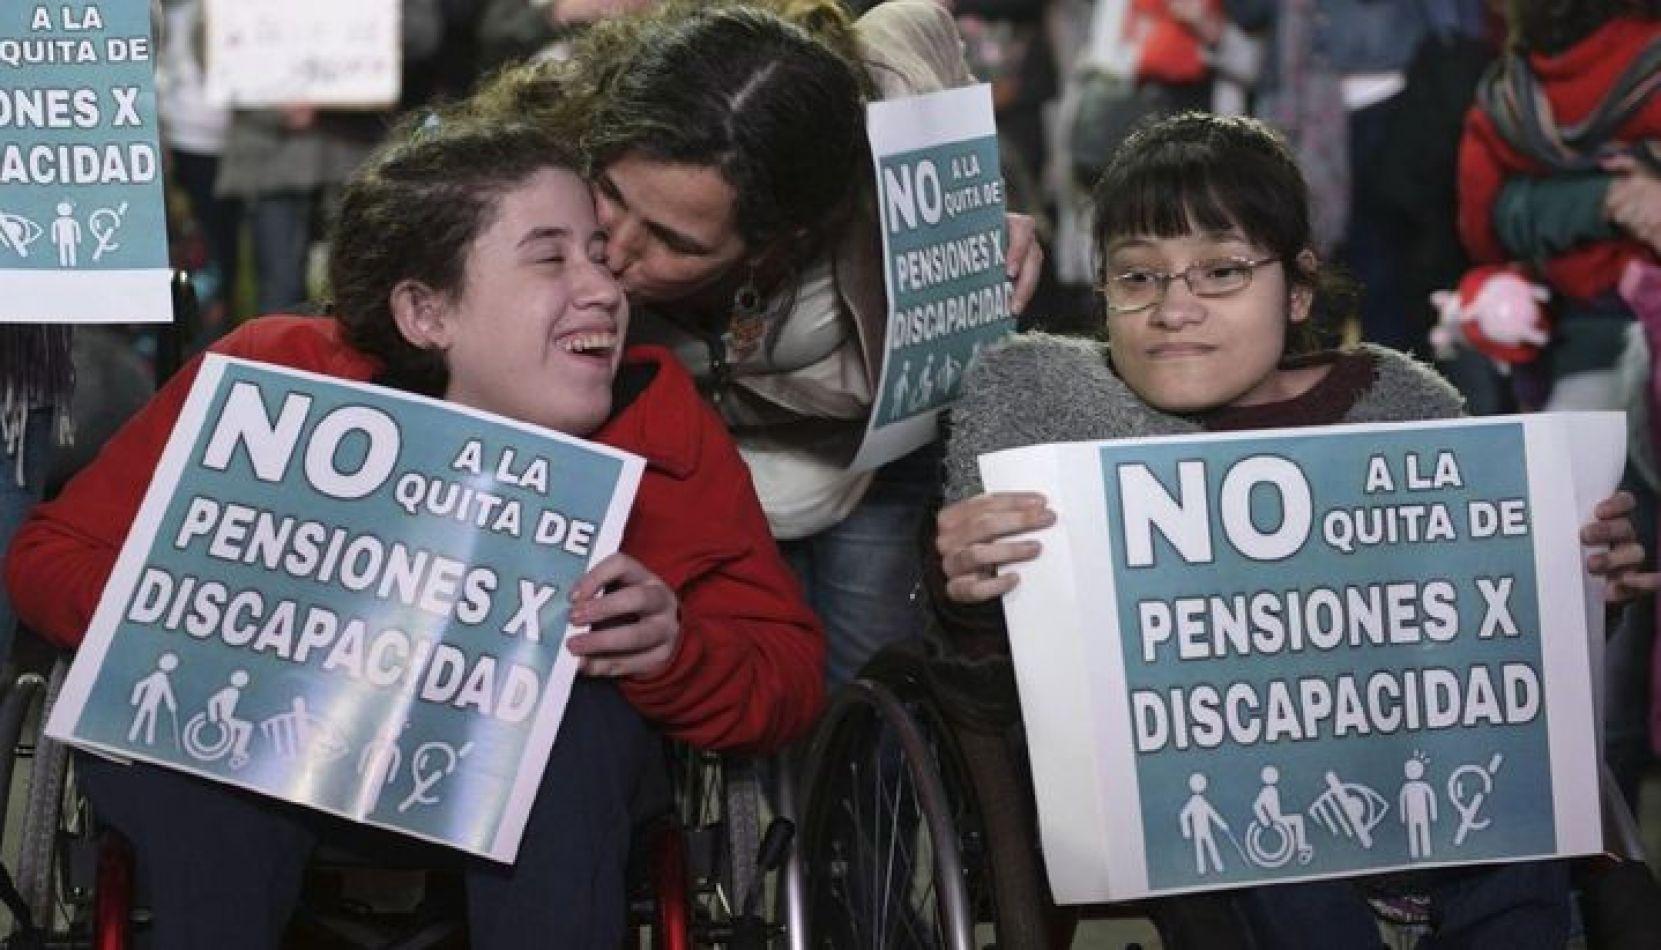 El Gobierno suspenderá pensiones por discapacidad